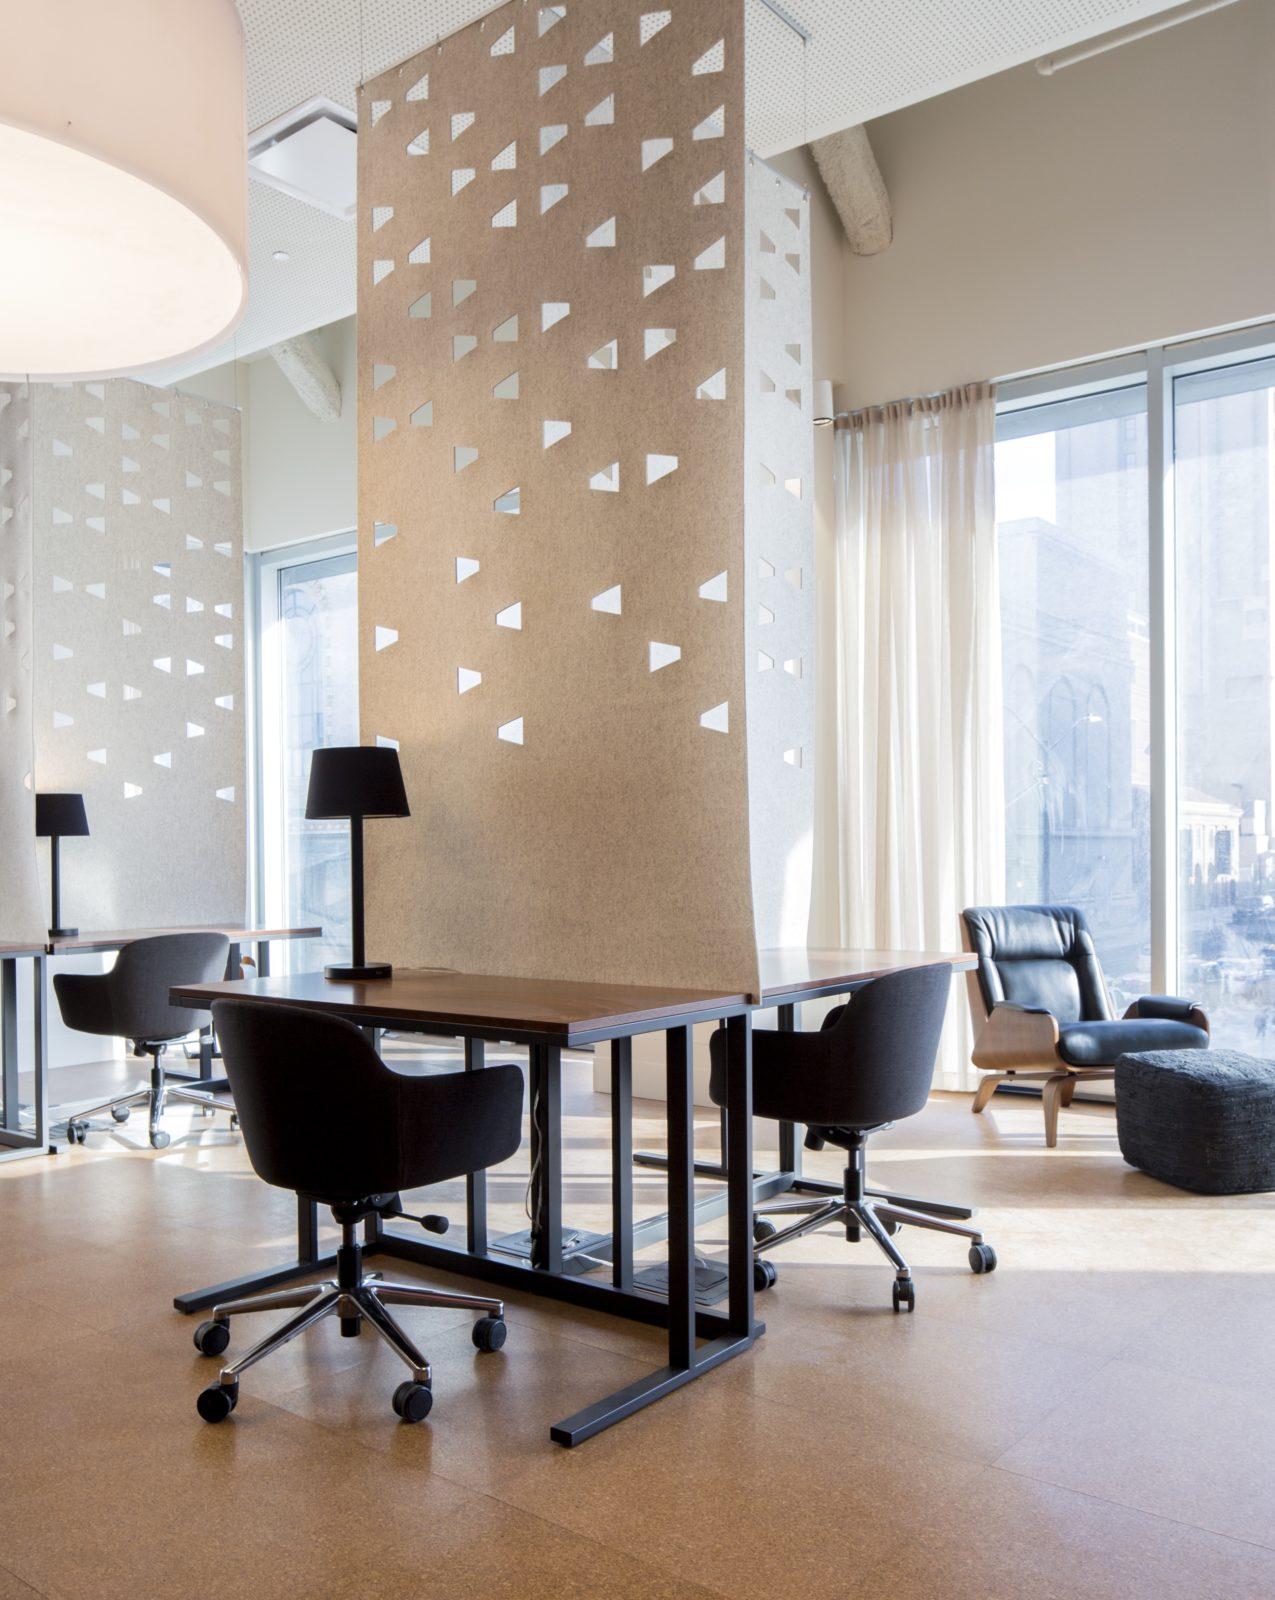 Writer's Studio partitioned desks